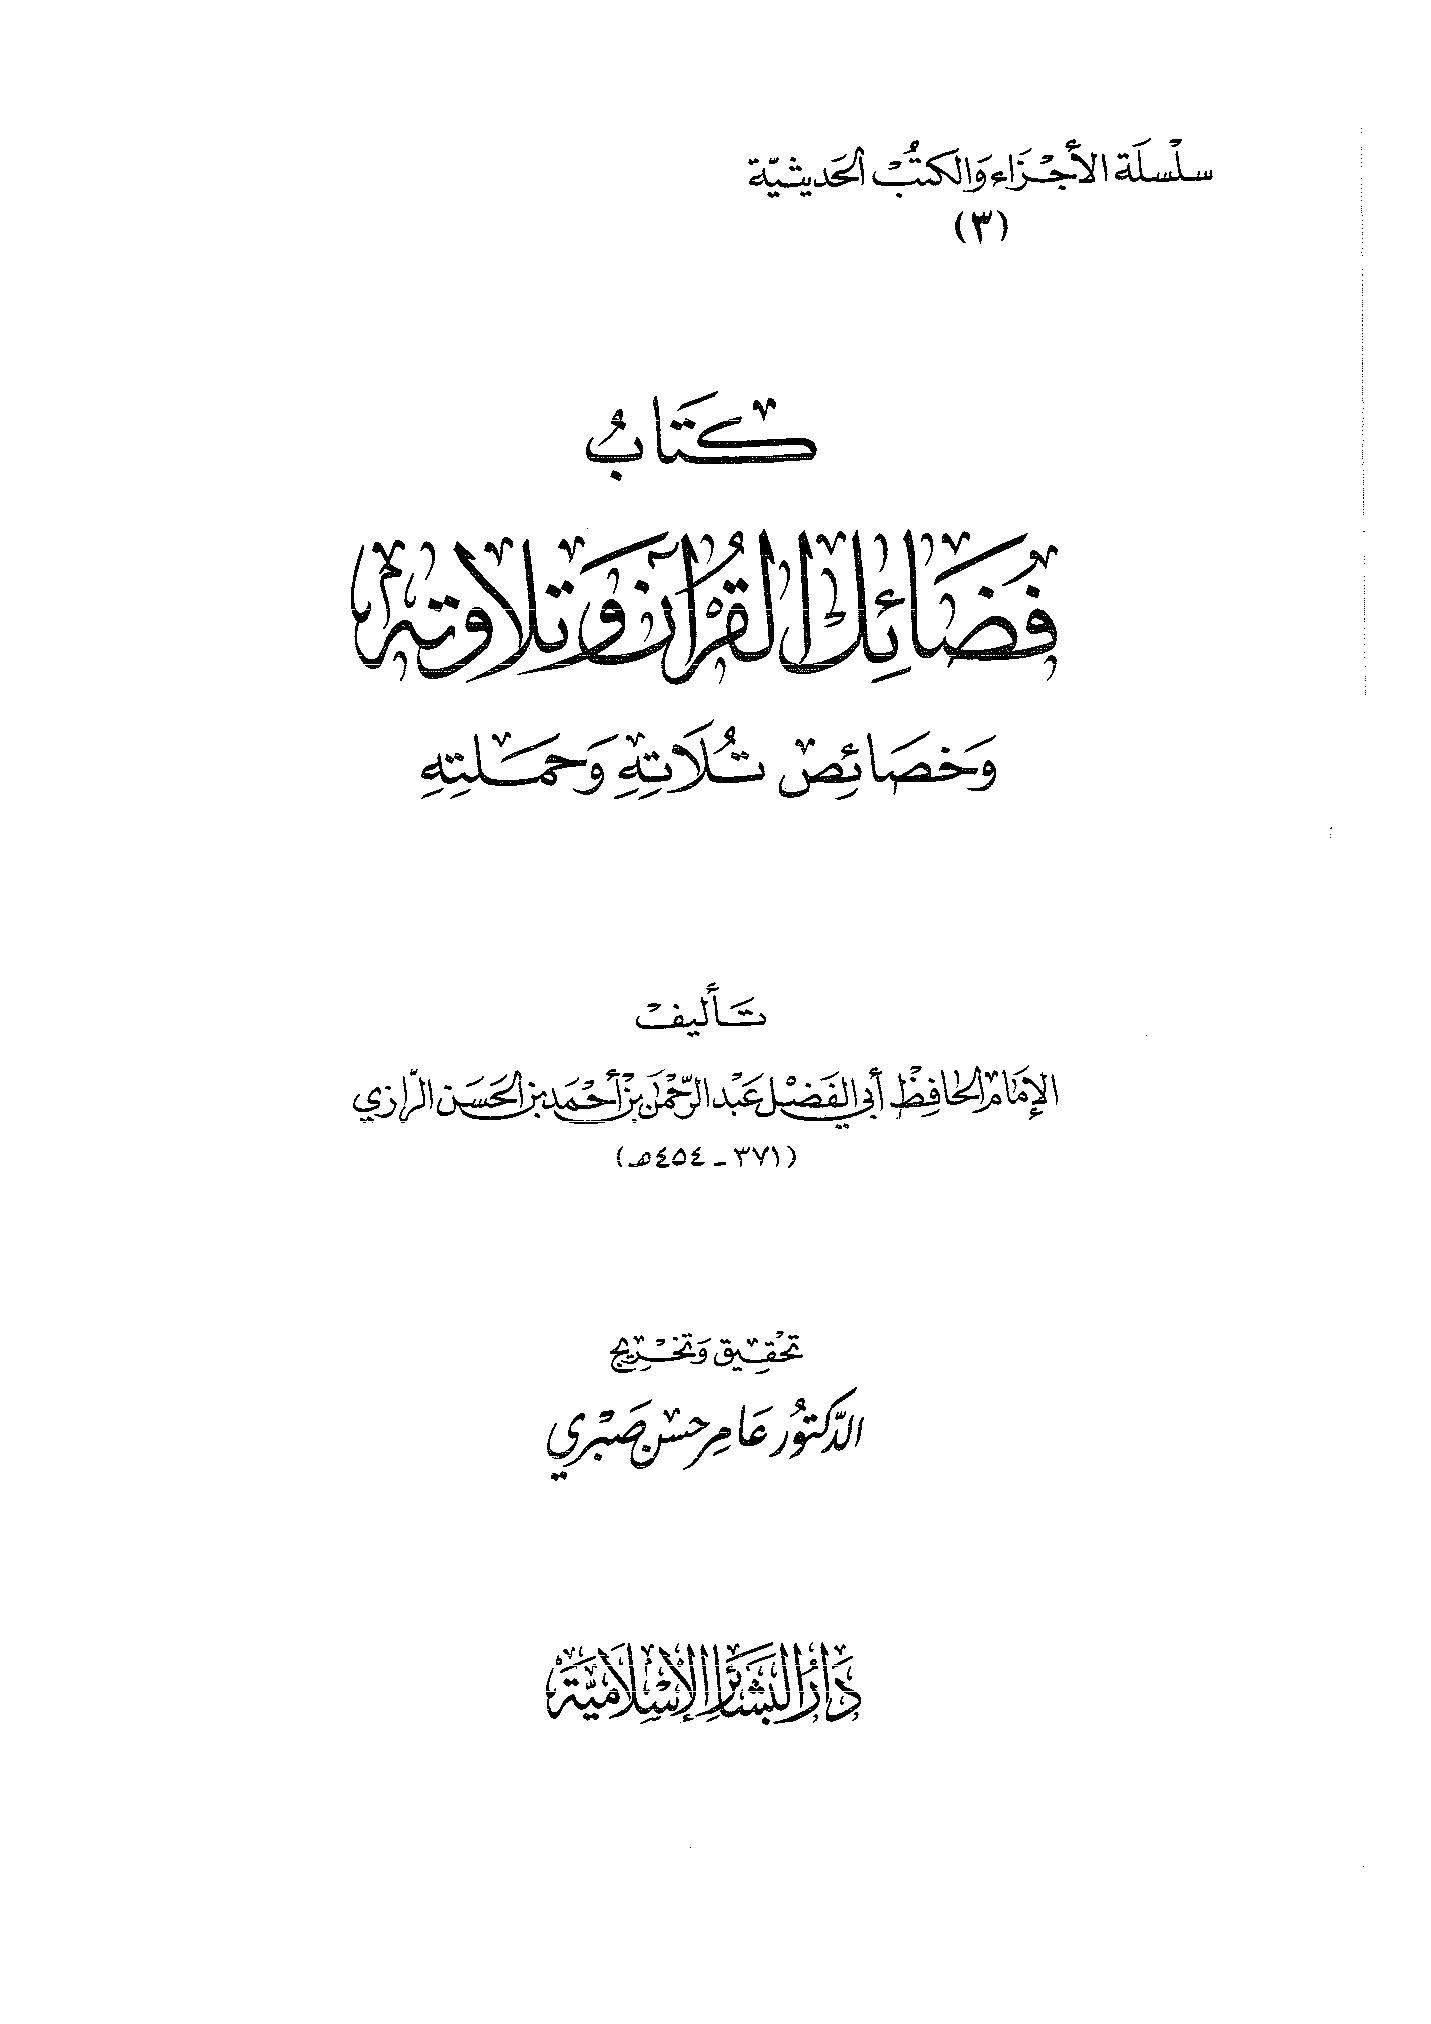 تحميل كتاب فضائل القرآن وتلاوته وخصائص تُلاتِه وحملته لـِ: أبو الفضل عبد الرحمن بن أحمد بن الحسن الرازي (ت 454 هـ)